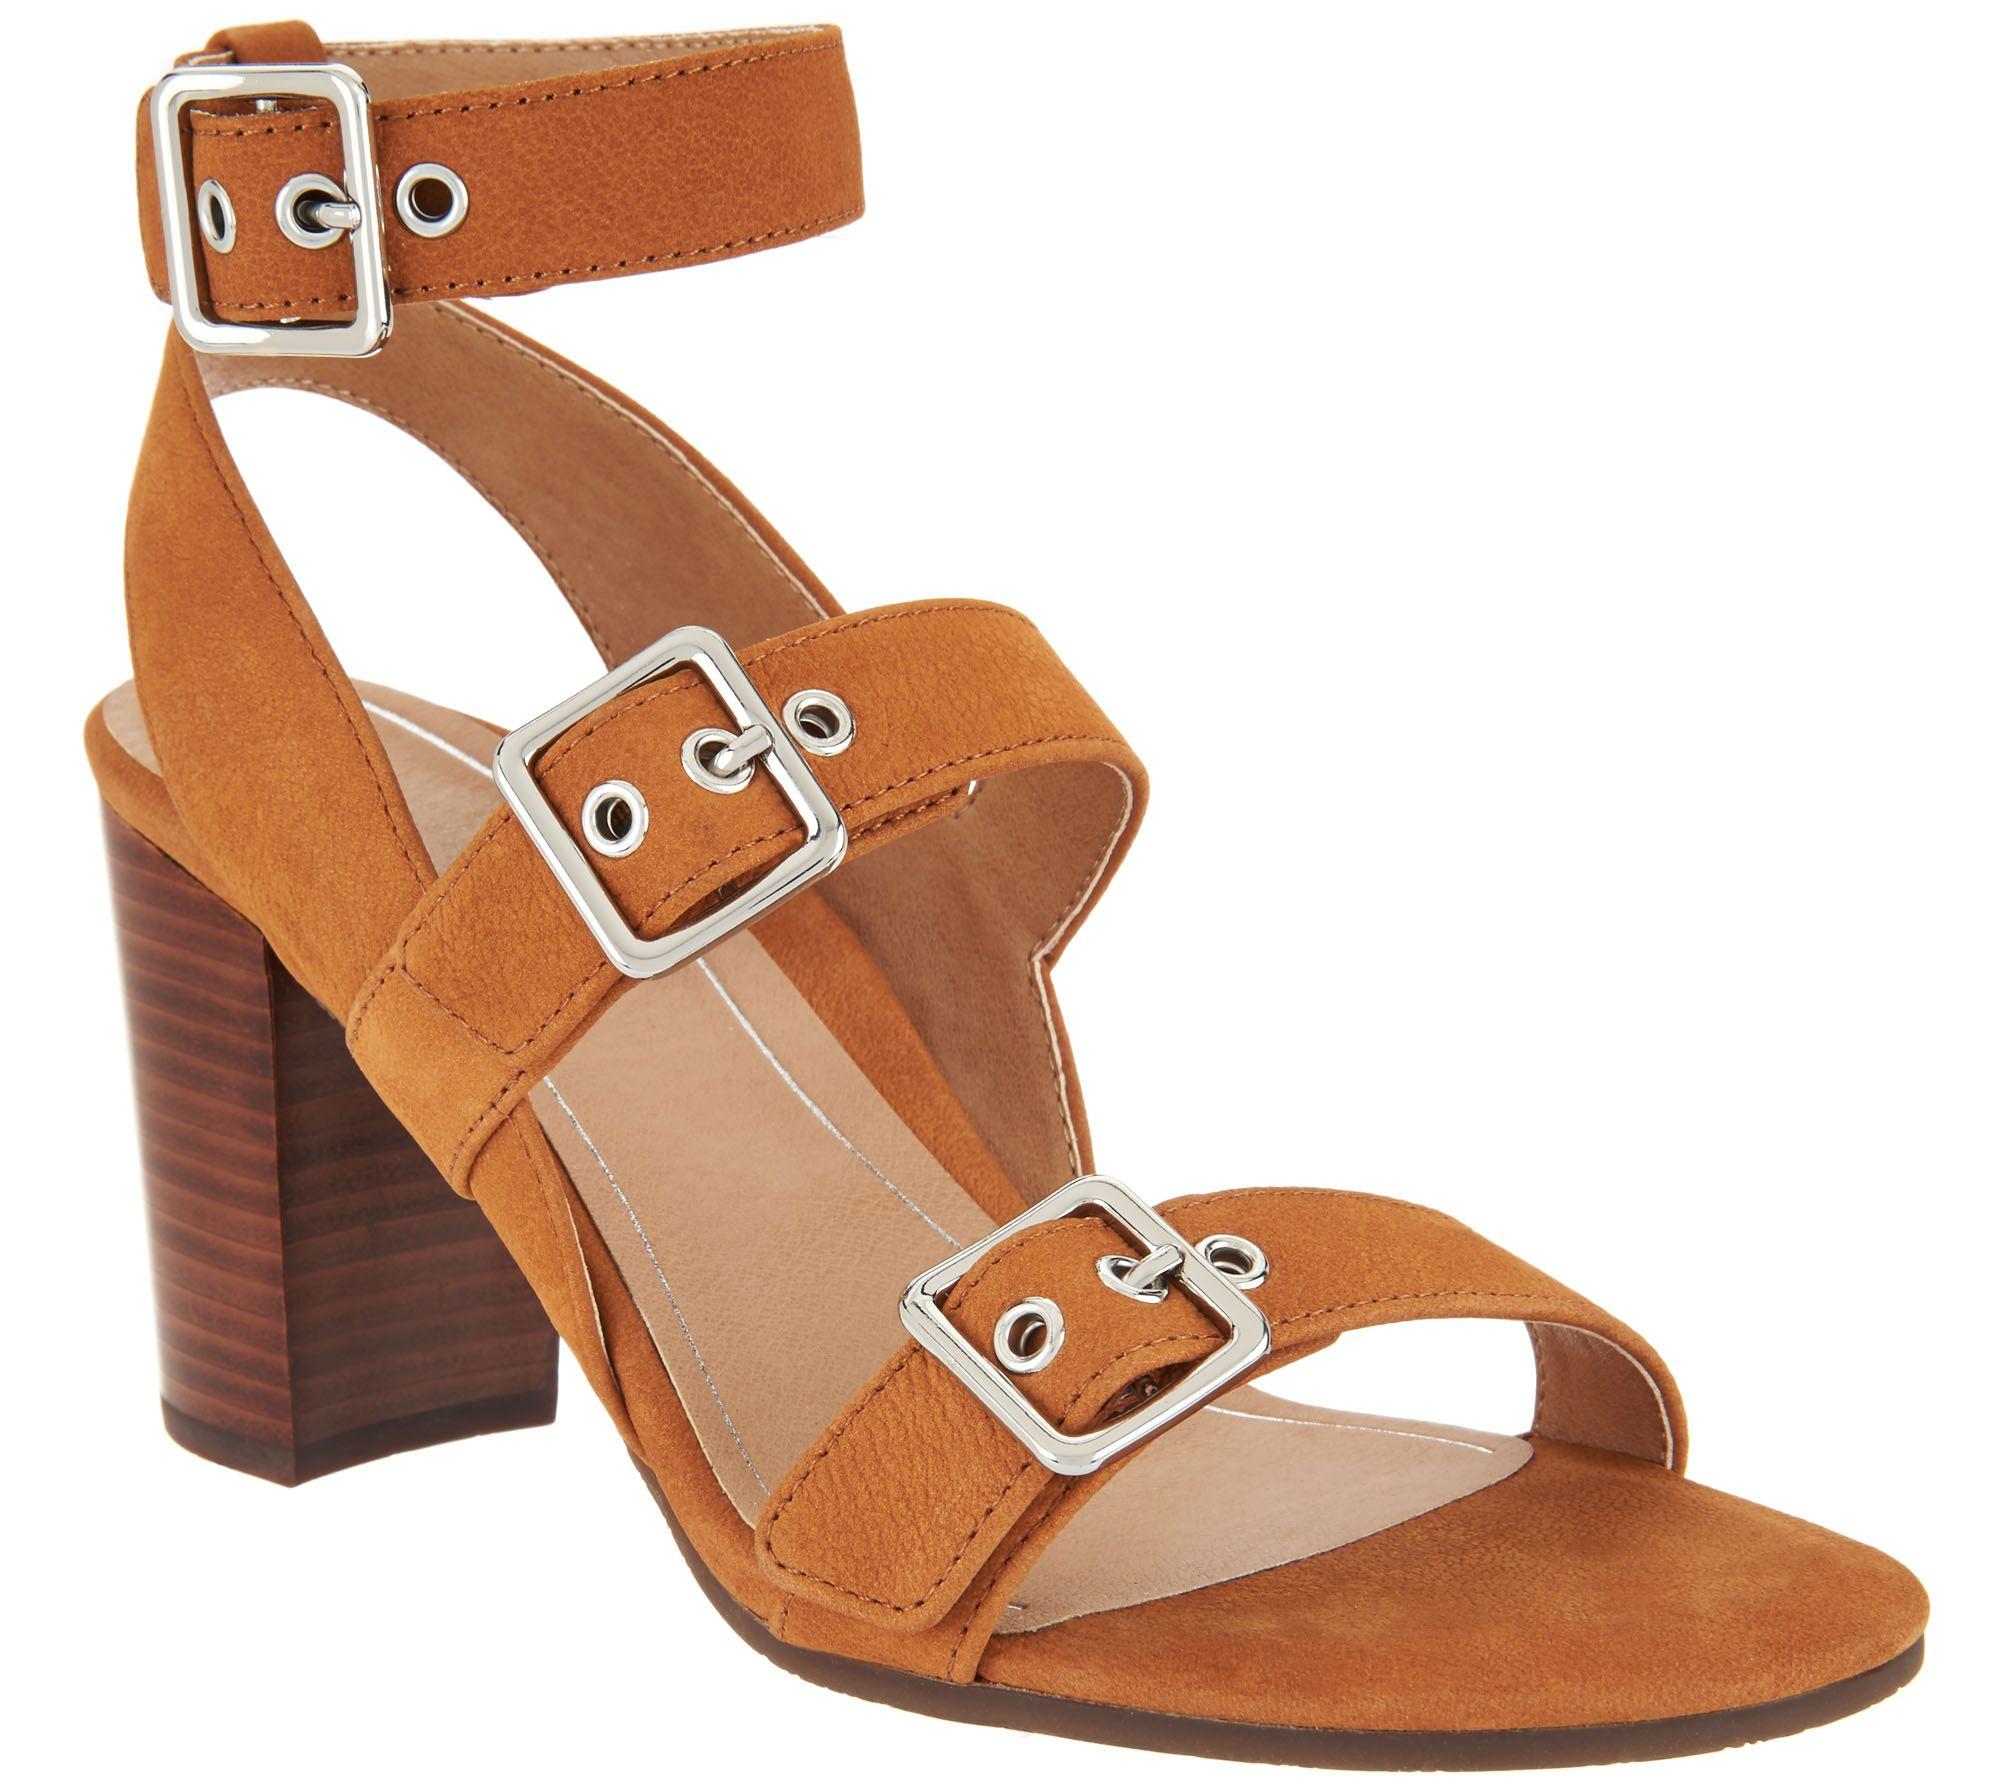 d867c72165f94 Vionic Orthotic Block-Heel Leather Sandals - Carmel - Page 1 — QVC.com